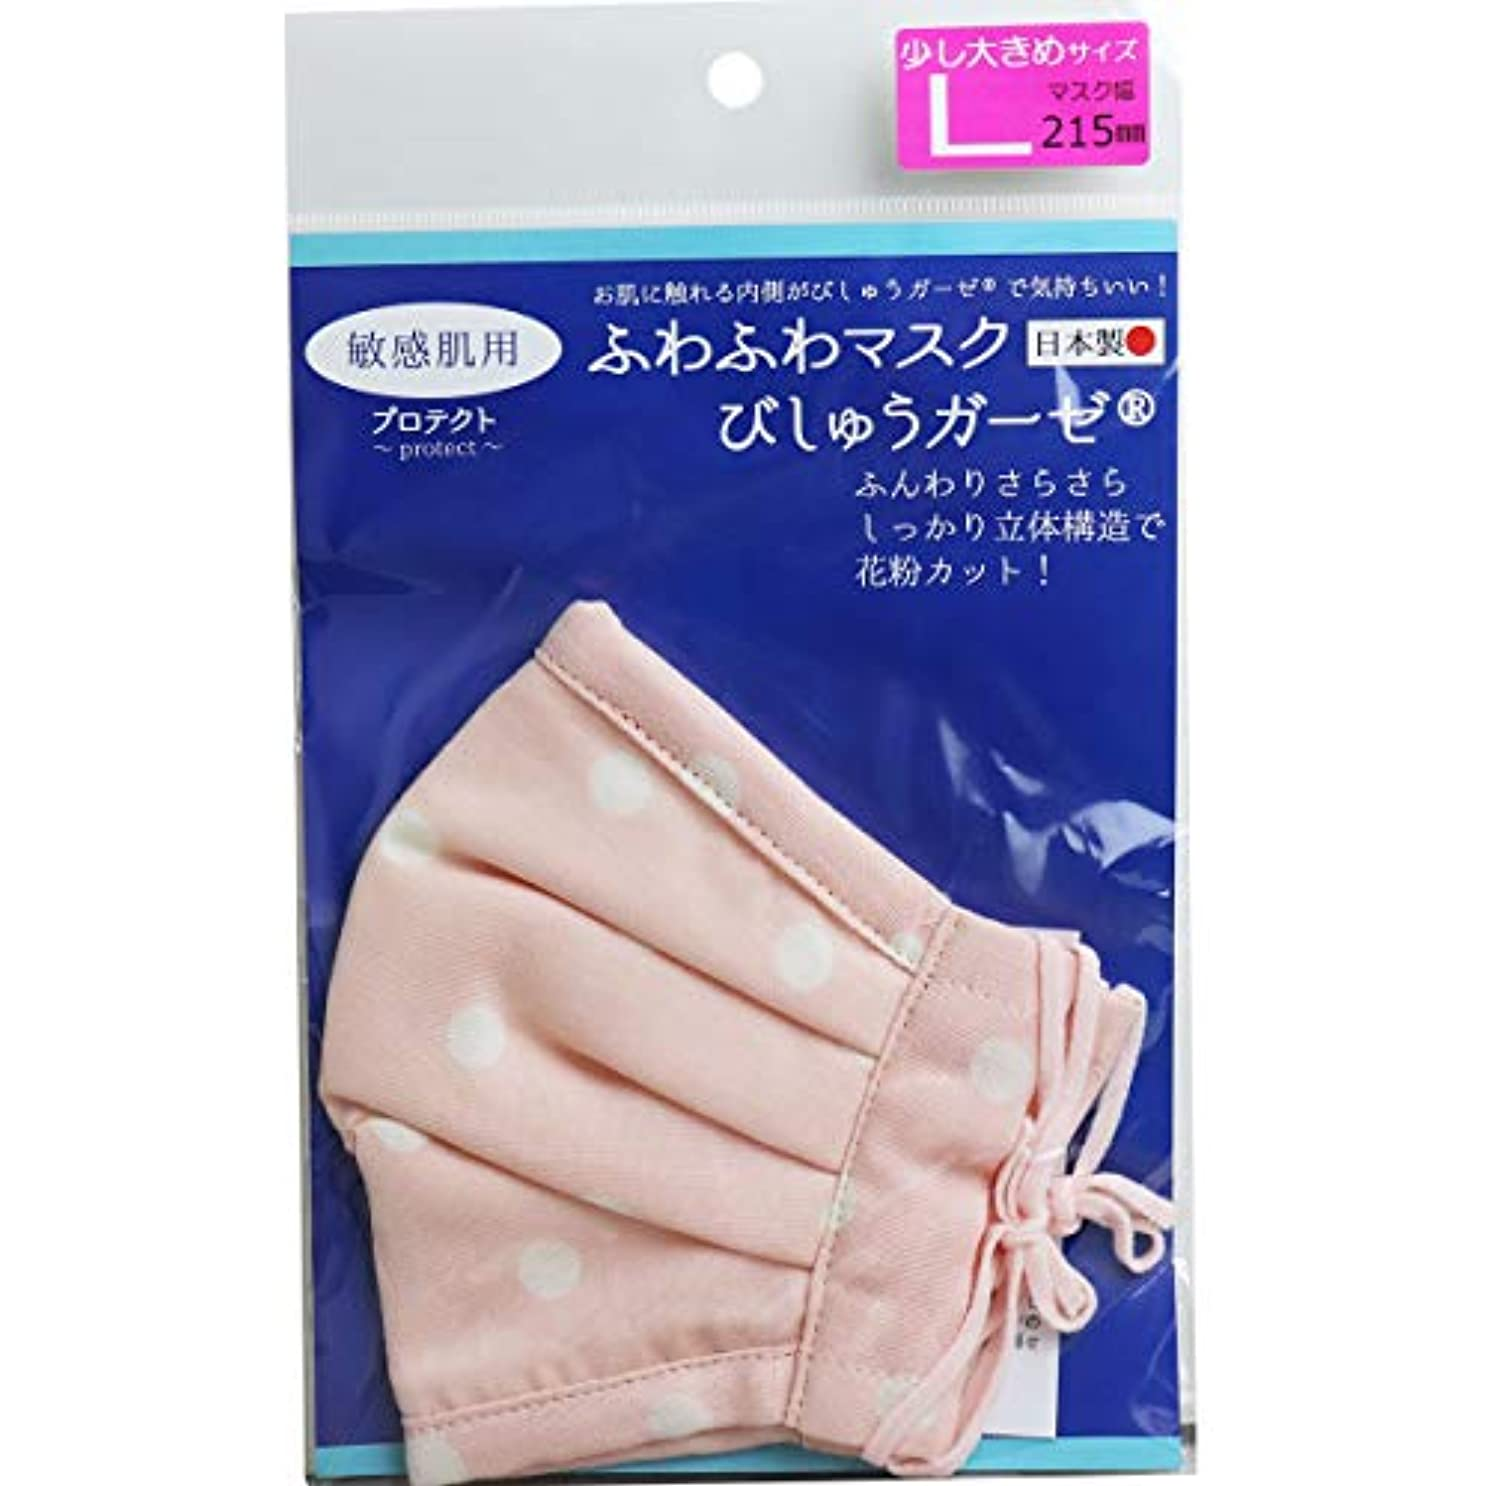 ふわふわマスク びしゅうガーゼ 敏感肌用 ピンクドット 少し大きめサイズ 1枚入×10個セット